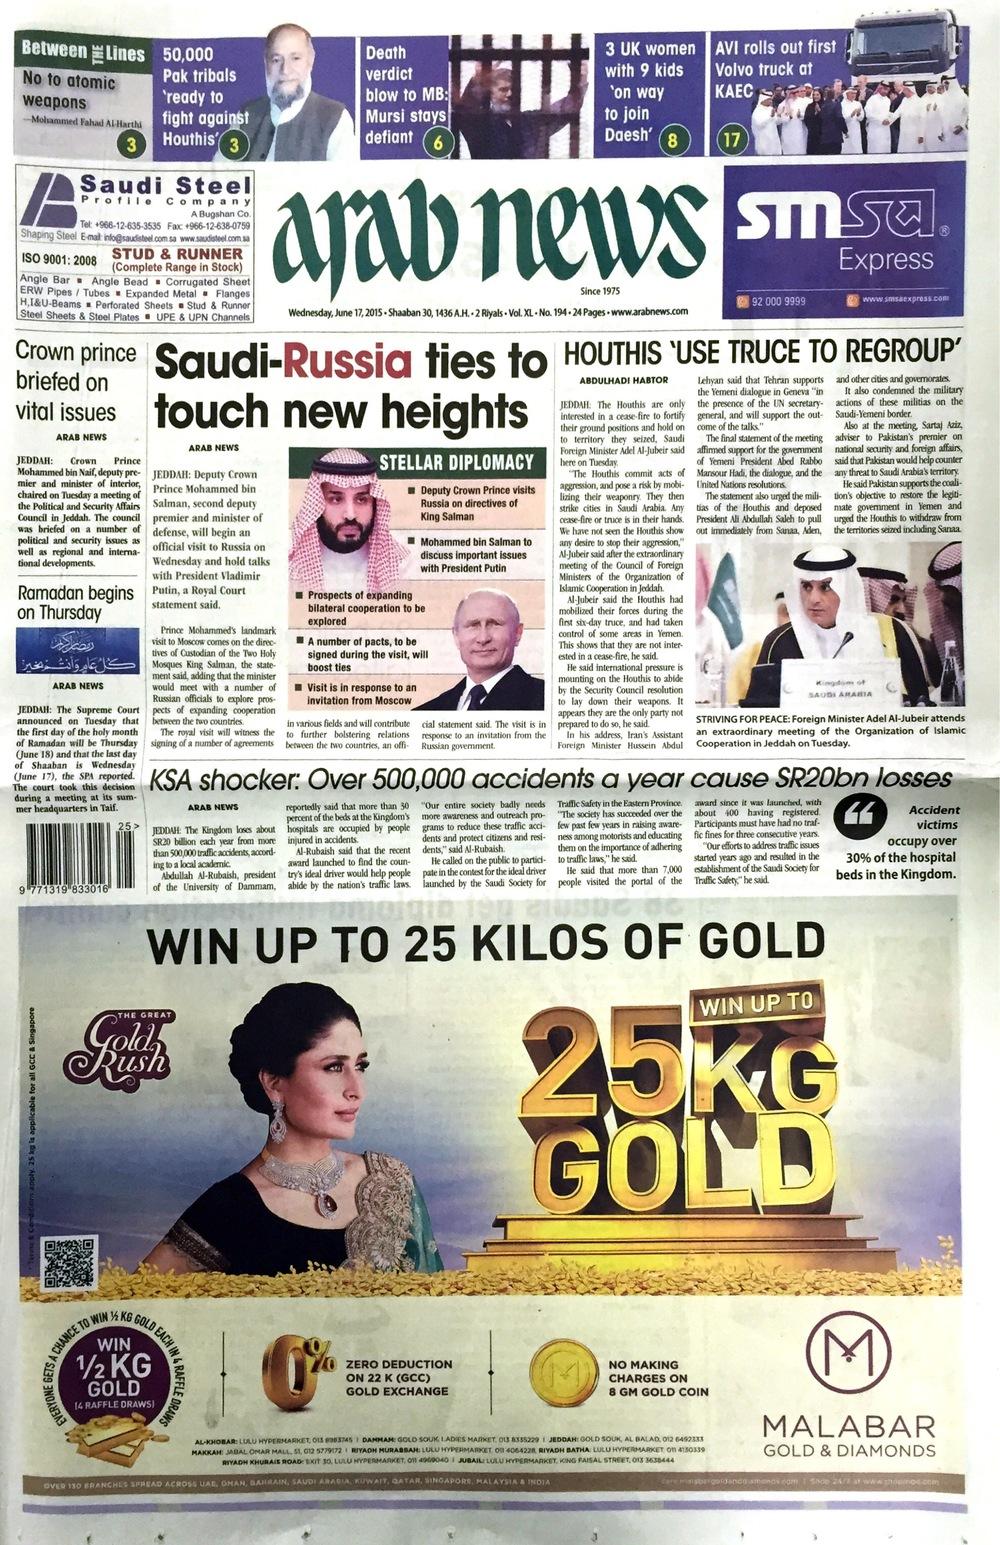 17 June 2015 Arab News Lama Jouni 0.JPG